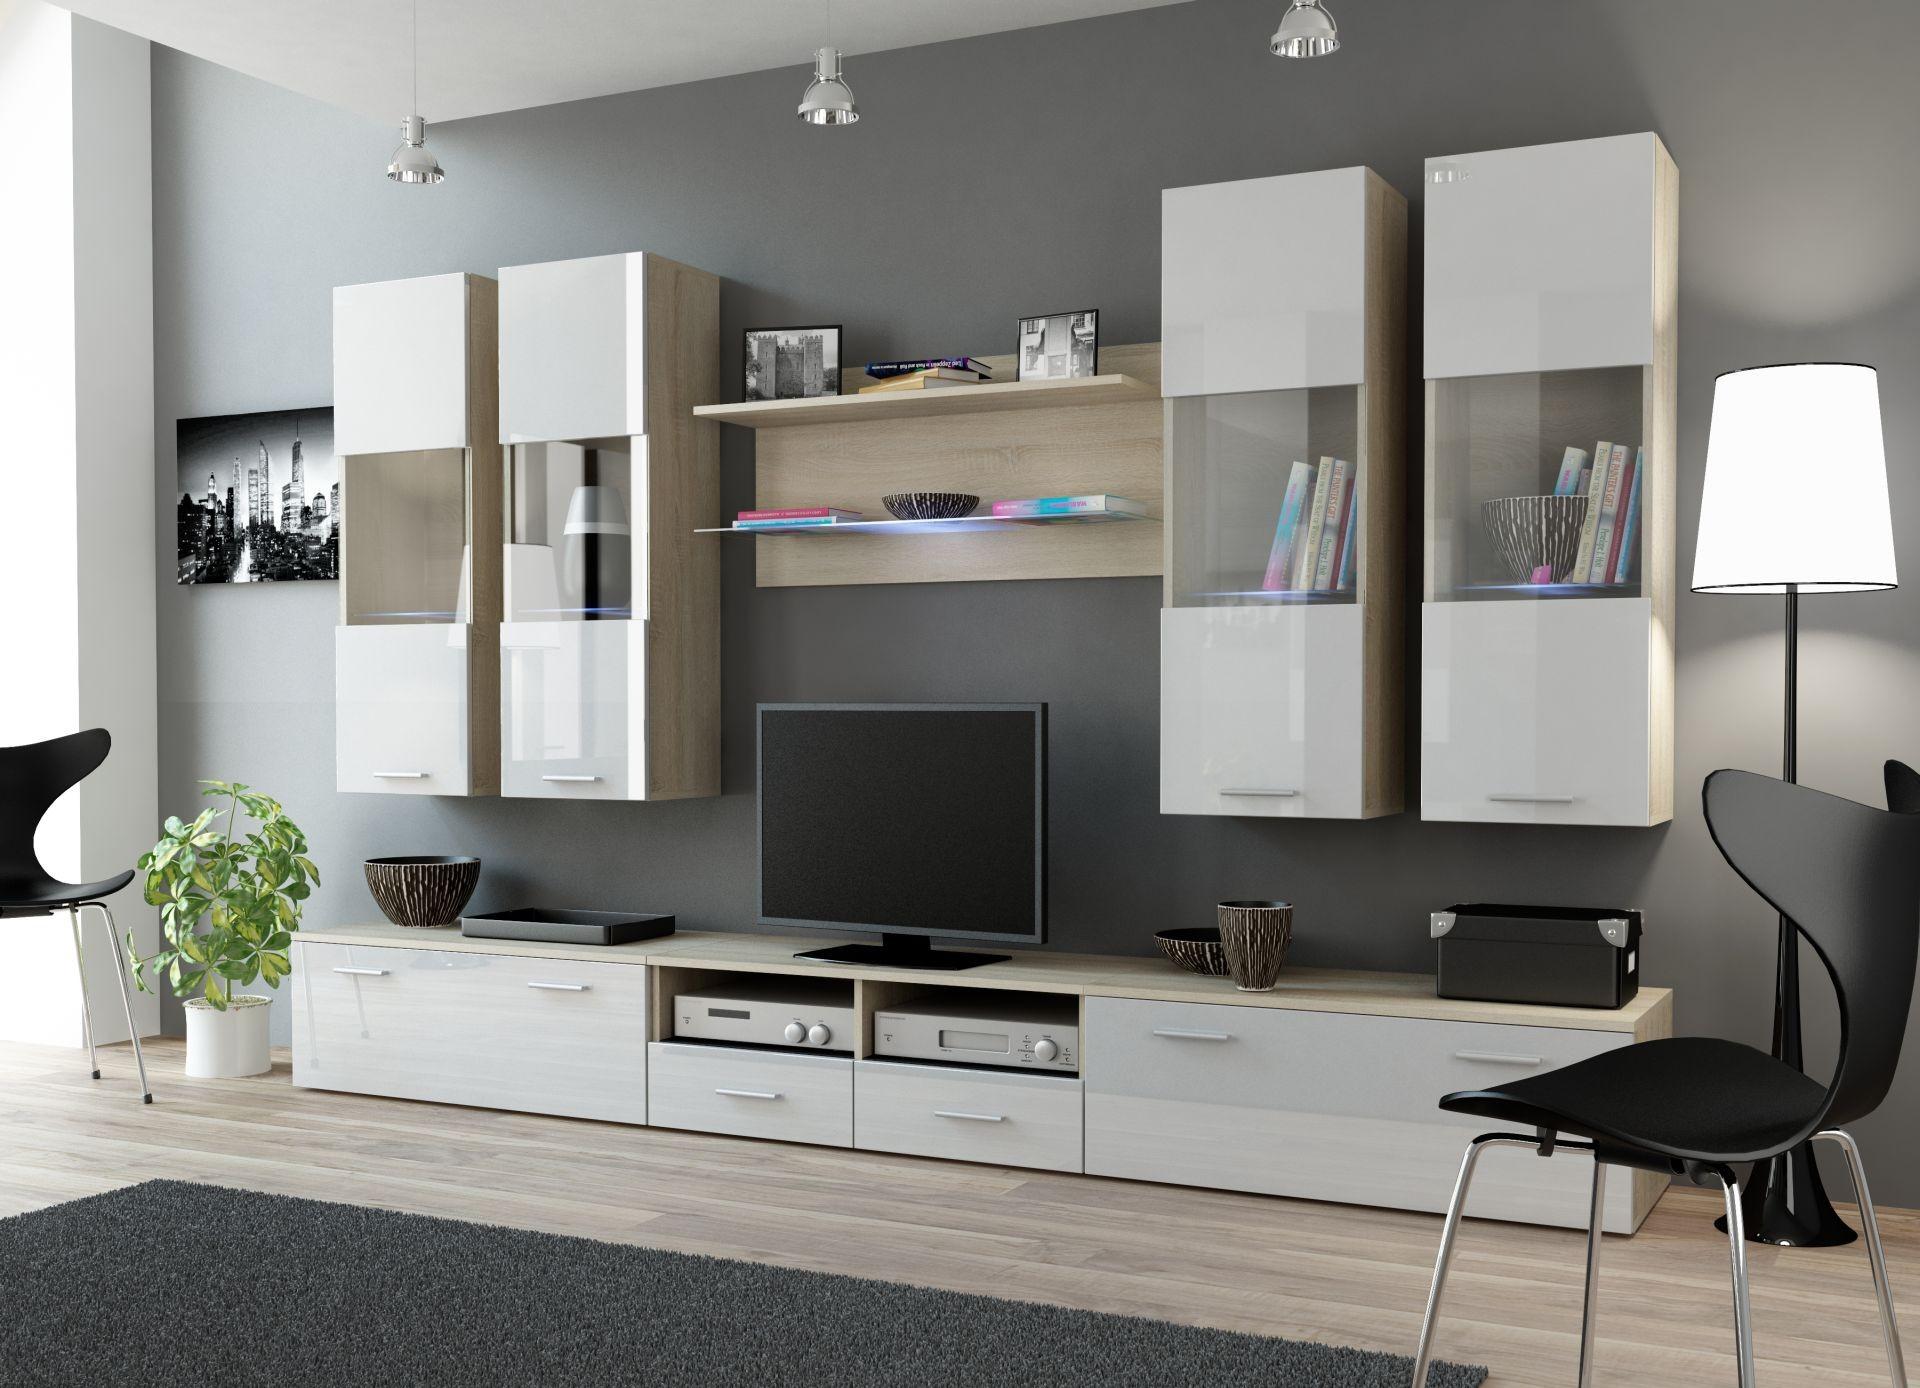 wohnwand dream 1 anbauwand wohnzimmer möbel - sonoma eiche + weiß